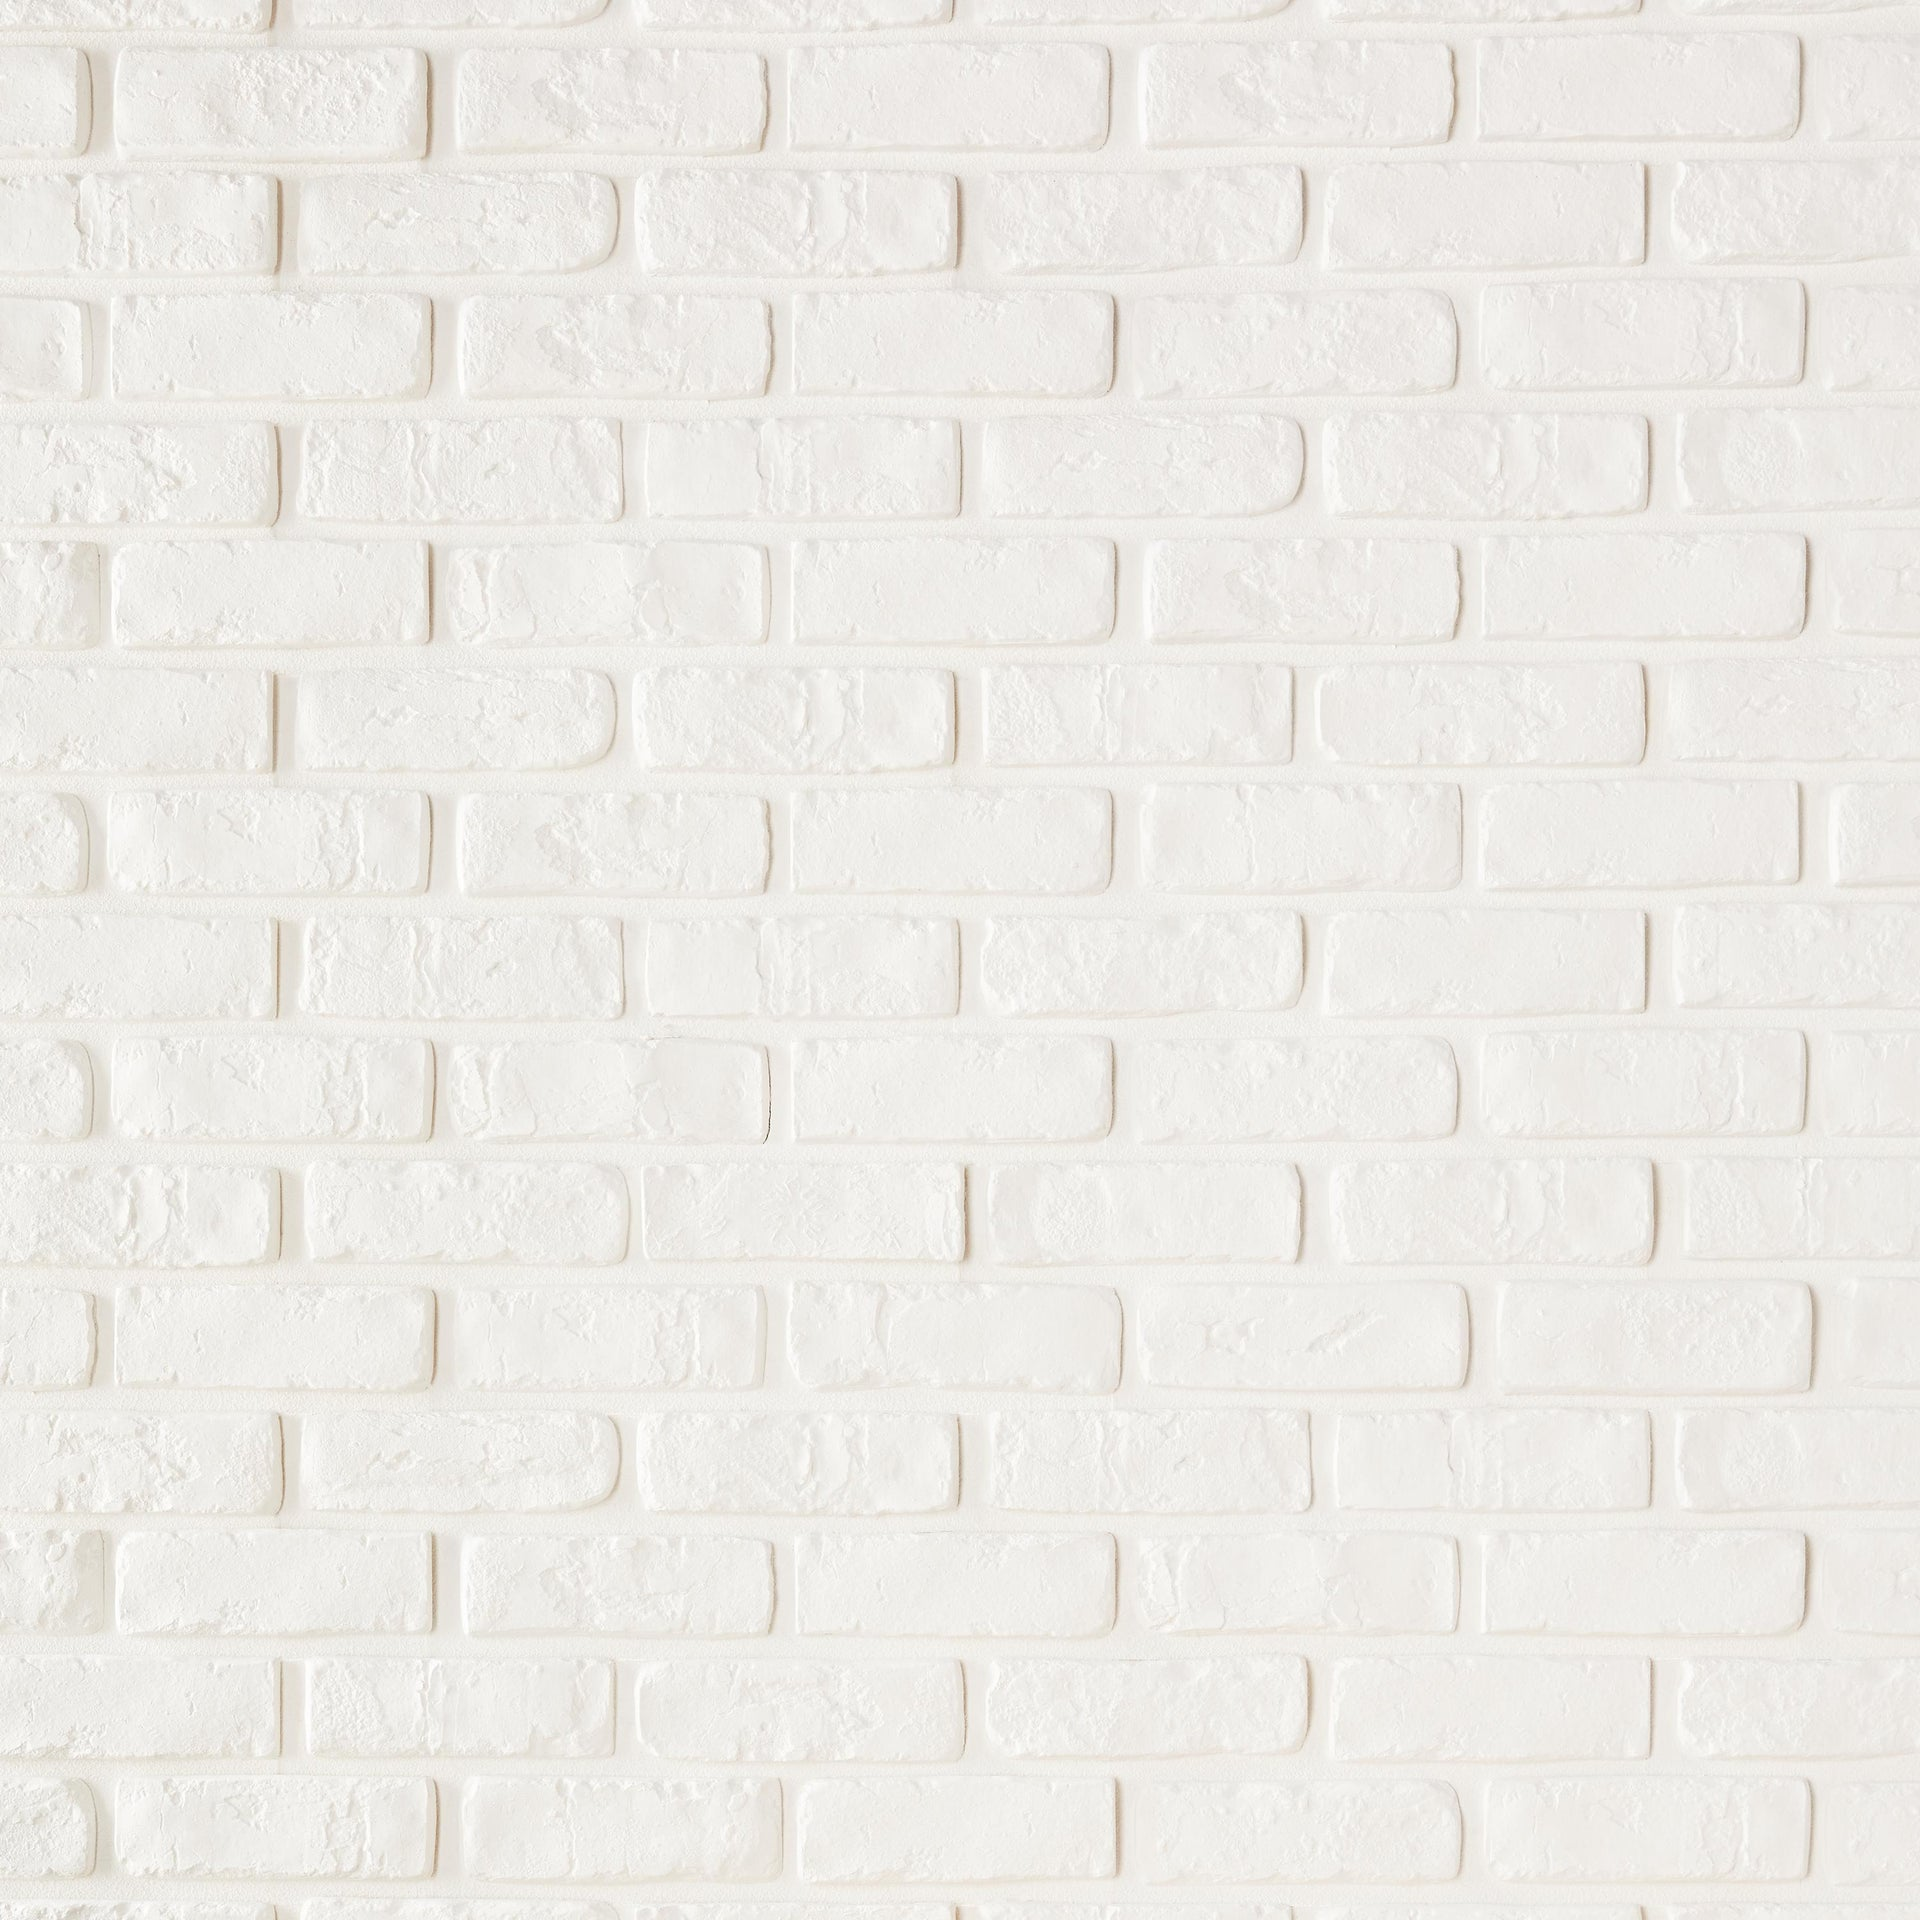 Mattone decorativo Isto bianco - 3